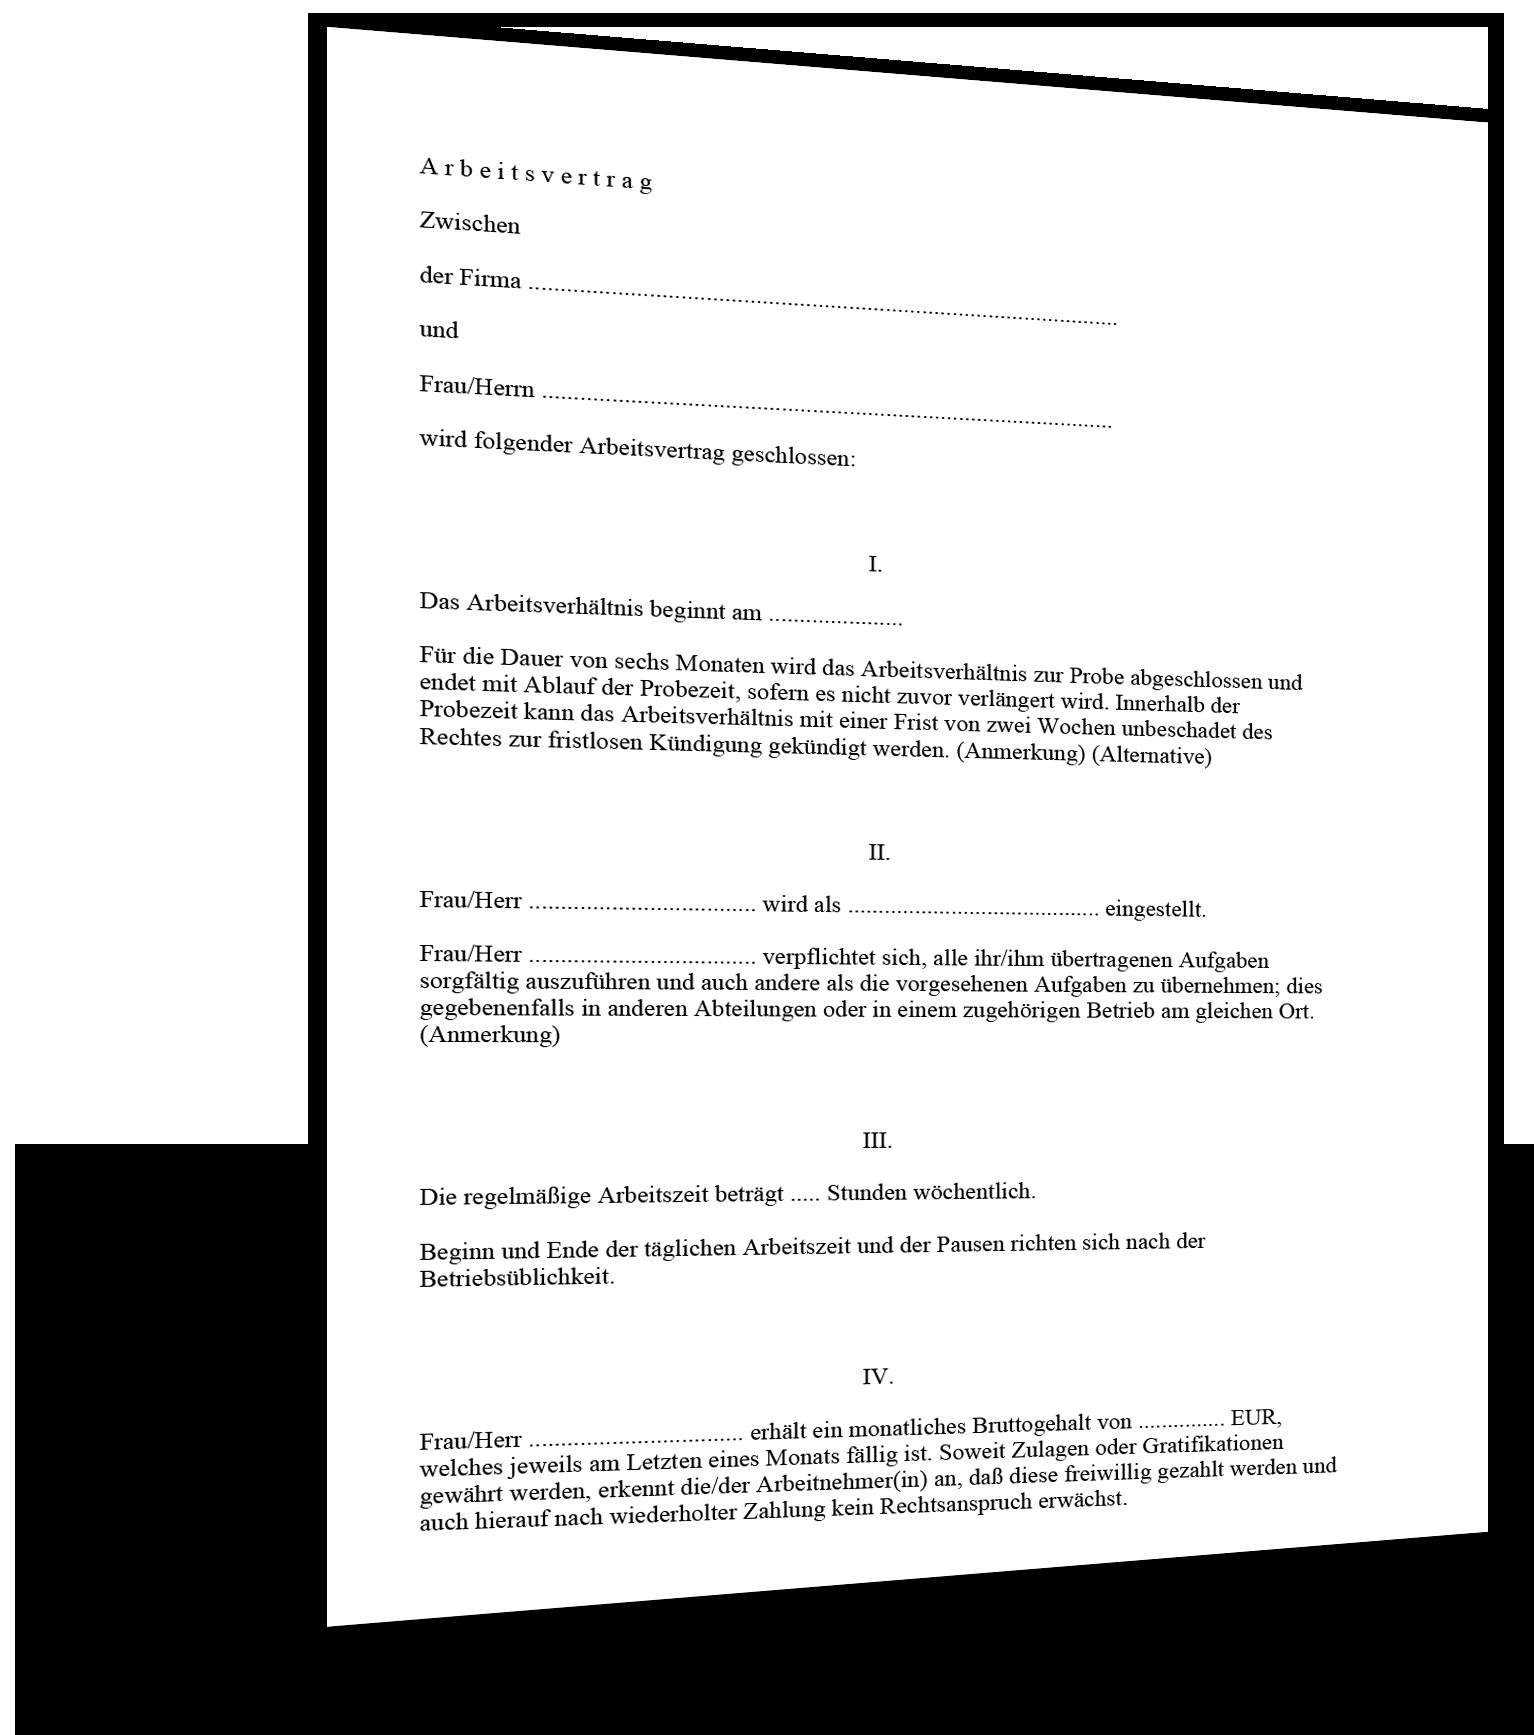 kndigung arbeitsvertrag den arbeitsvertrag kndigen mit vorlage oder ...